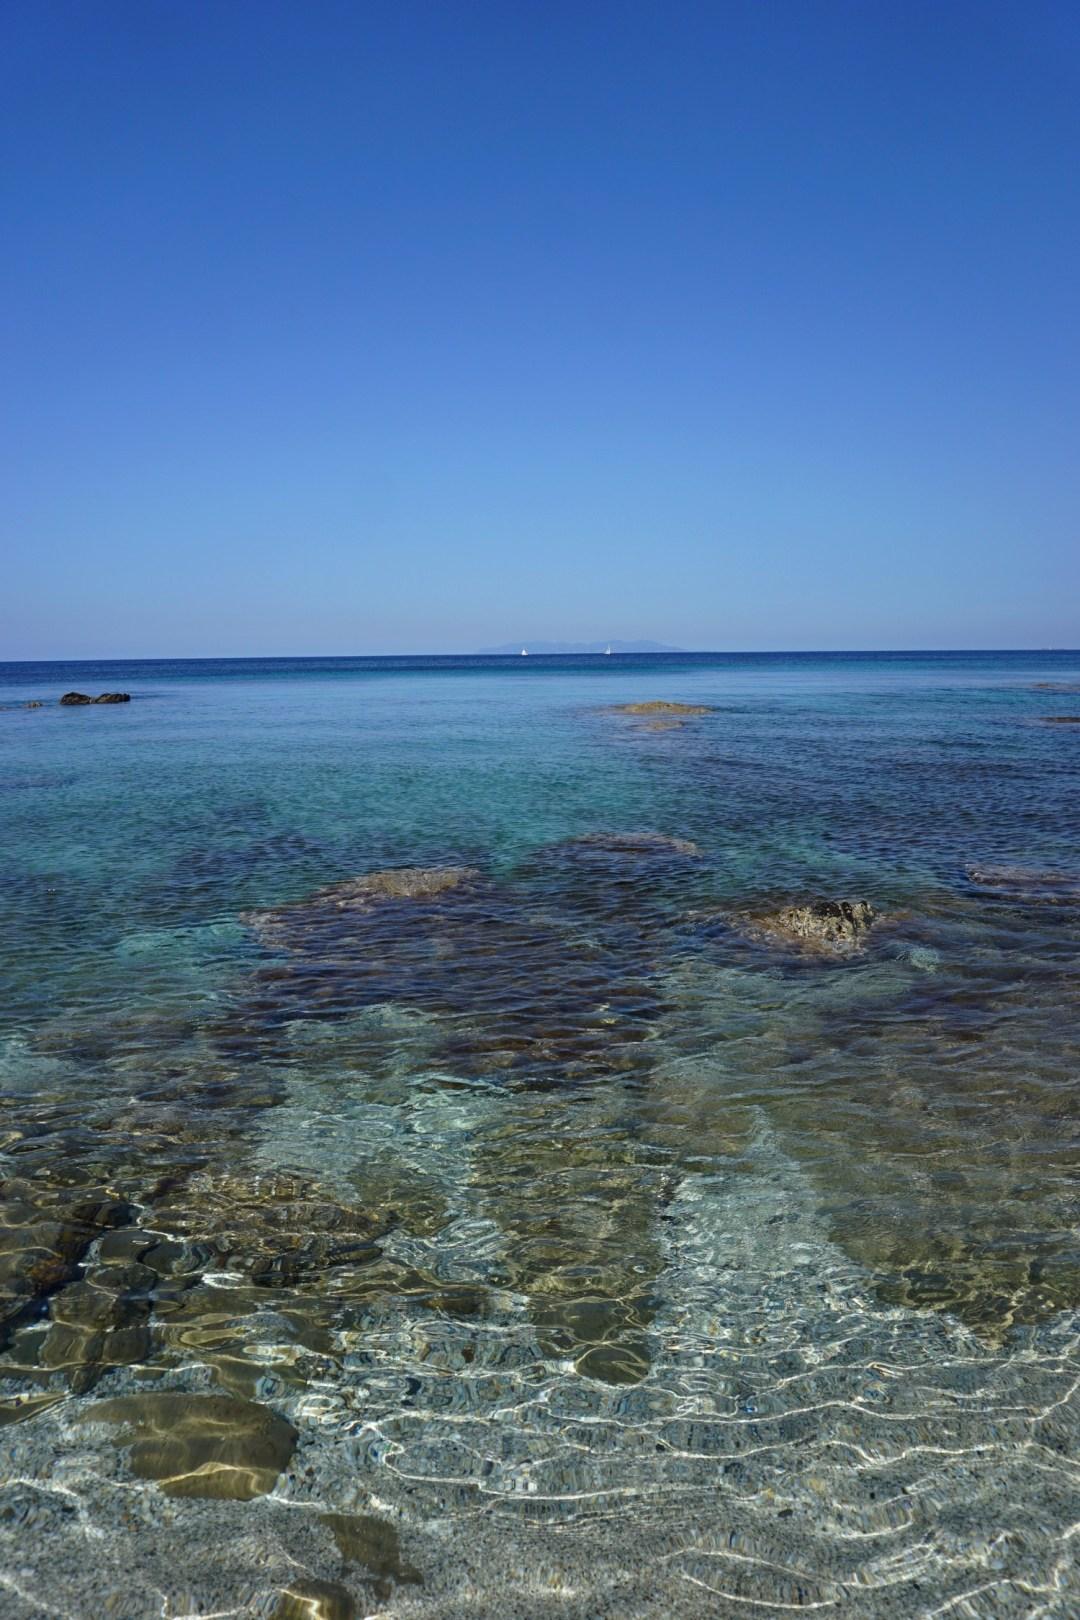 CRIQUE CAP CORSE CACHEE BLOG VOYAGE TOURISME BONNES ADRESSES PLAGE EAU TURQUOISE SANS TOURISTES 03